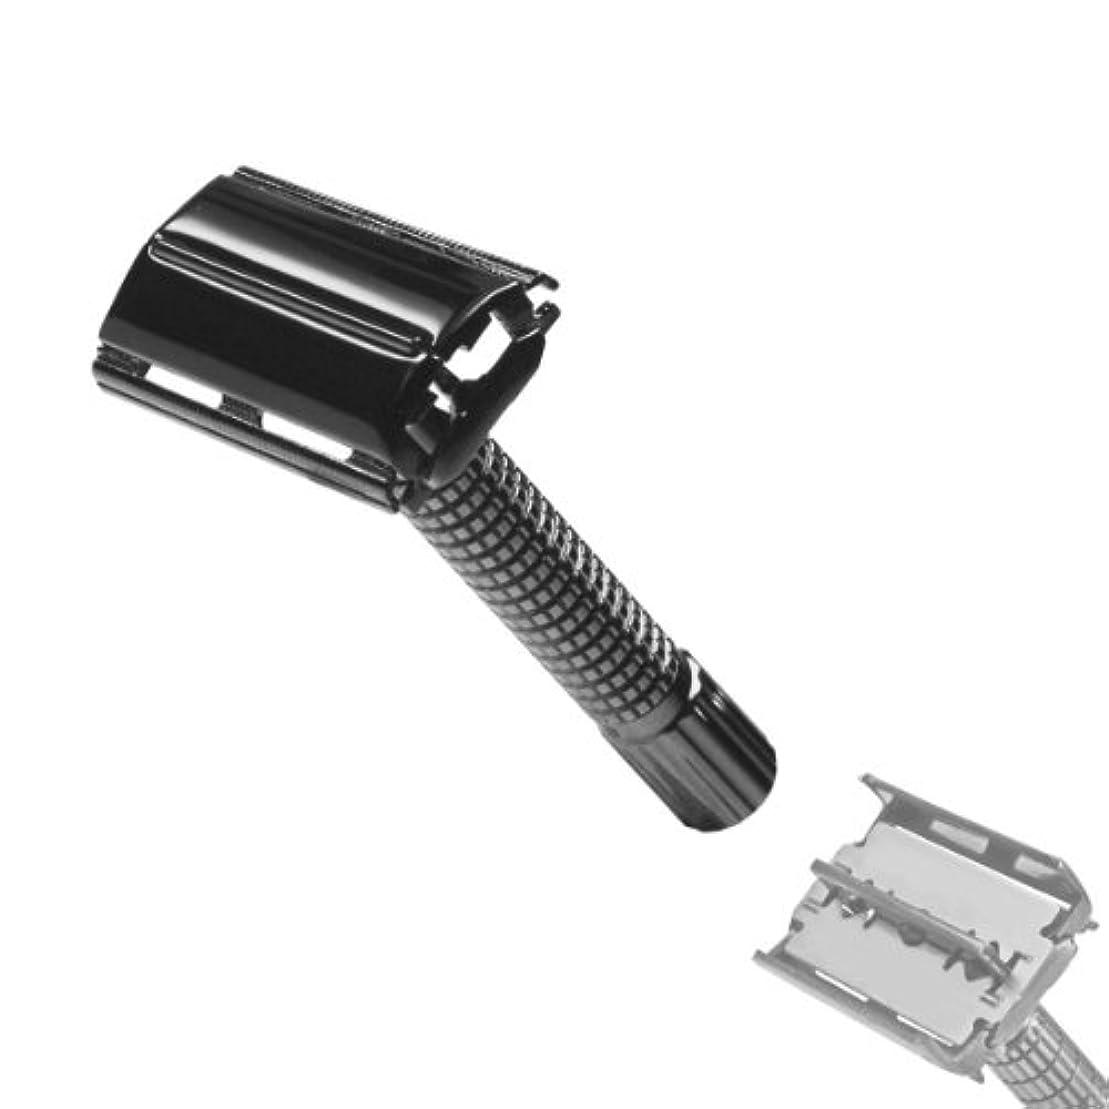 満足できるマート永続RAZOLUTION TwinTop Safety razor, Butterfly system, black chrome, 8 cm